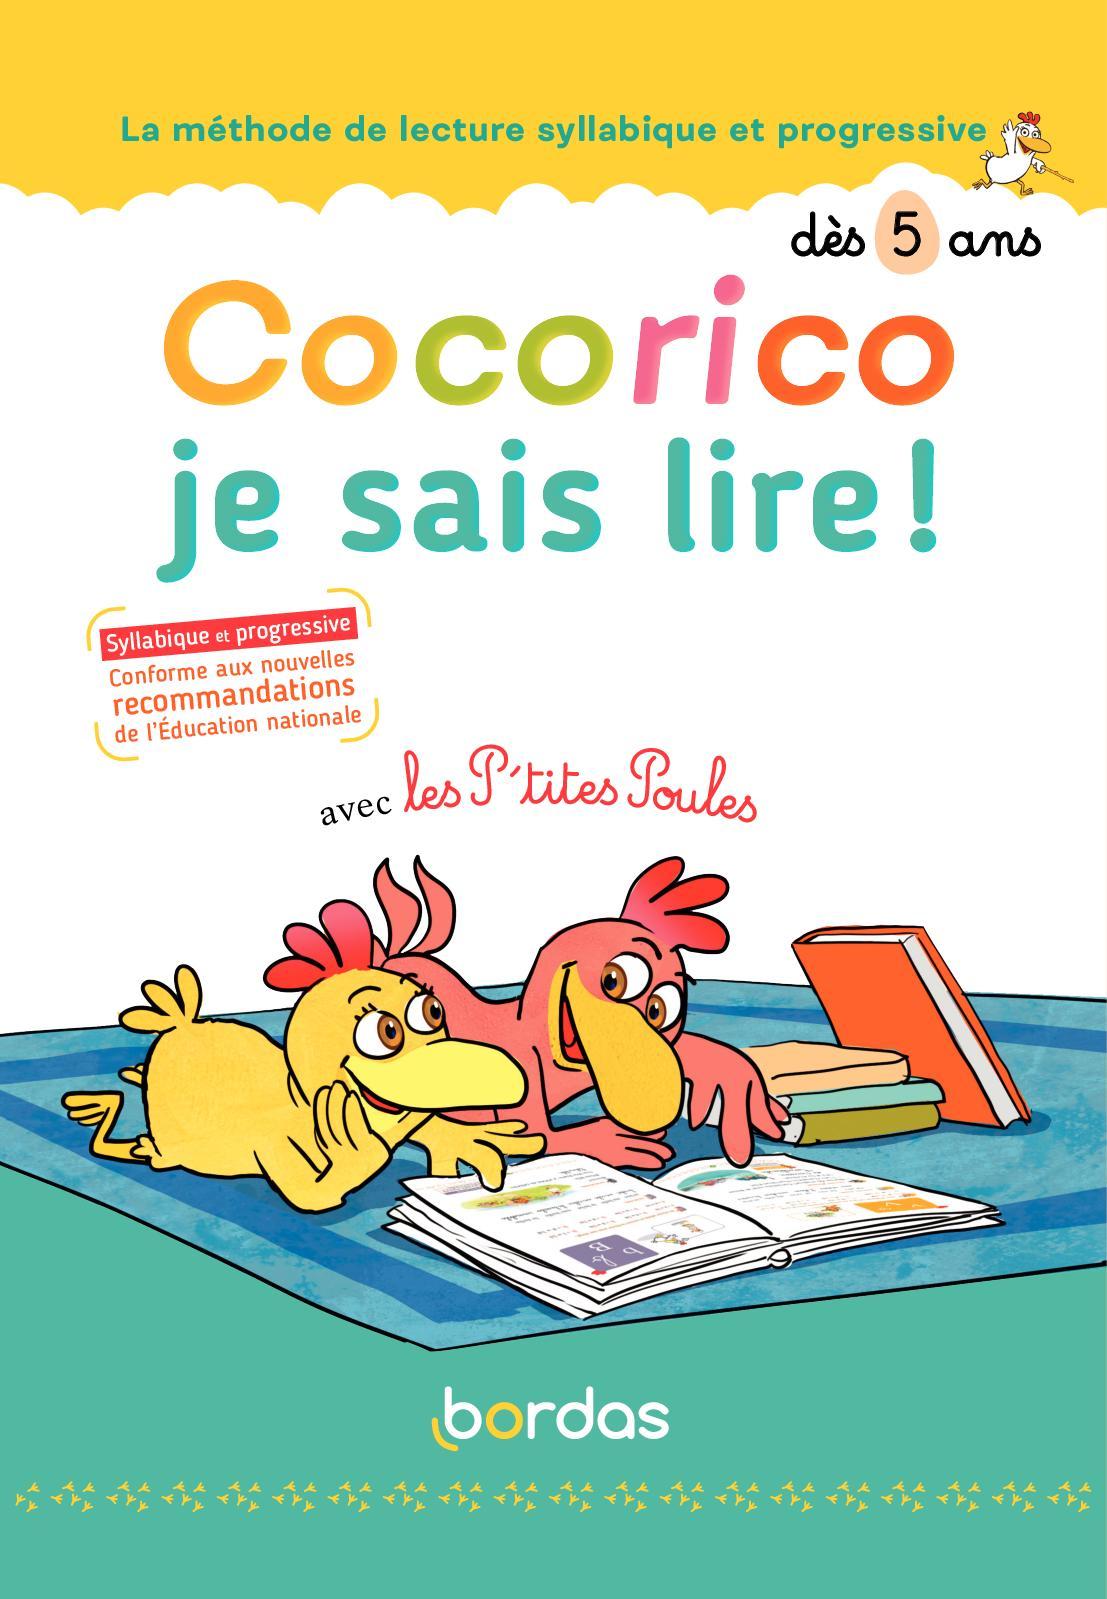 Cocorico, je sais lire! - Méthode de lecture 7 ans